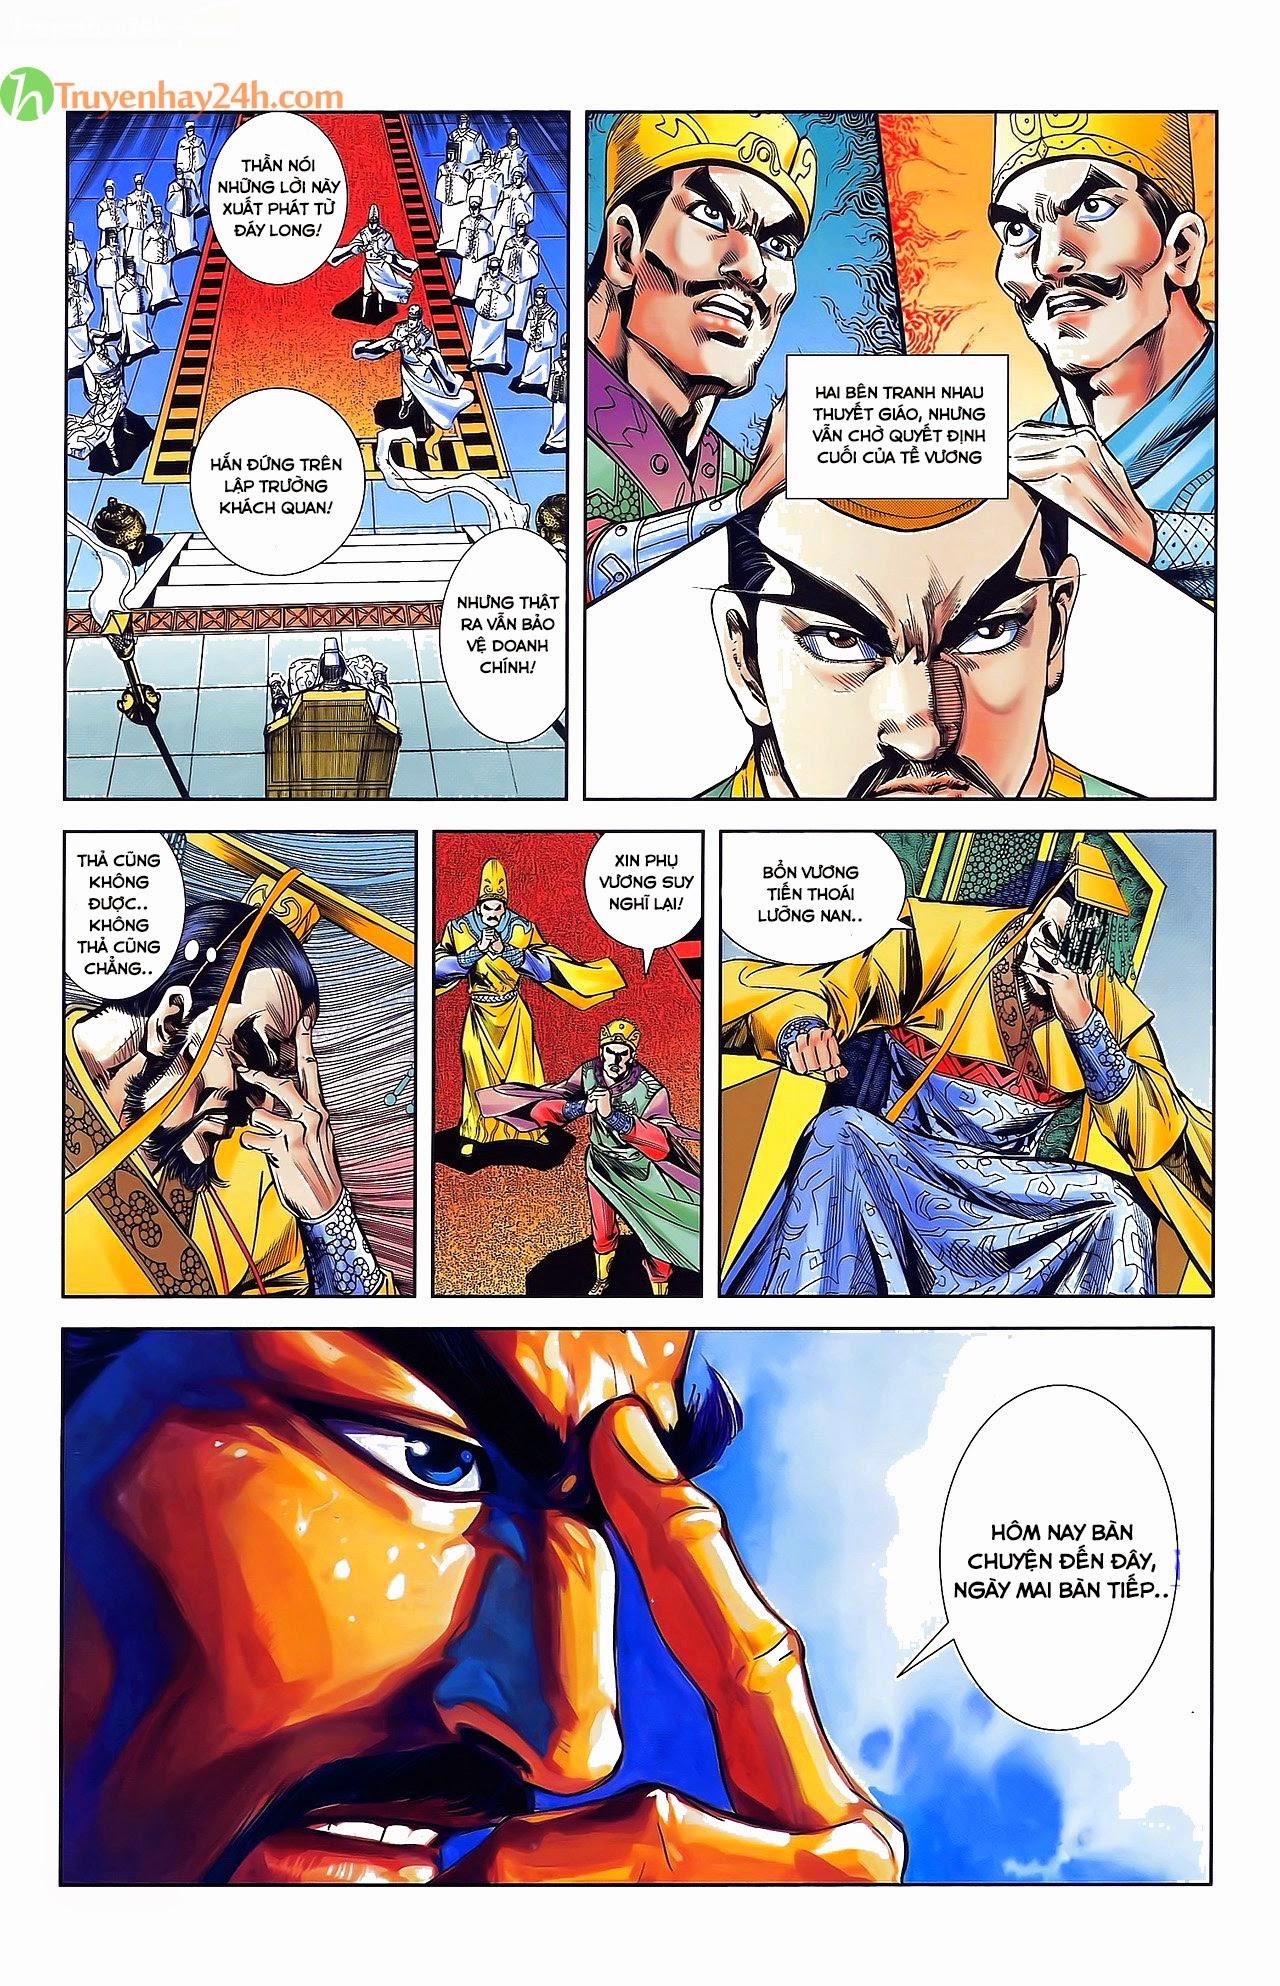 Tần Vương Doanh Chính chapter 31 trang 22